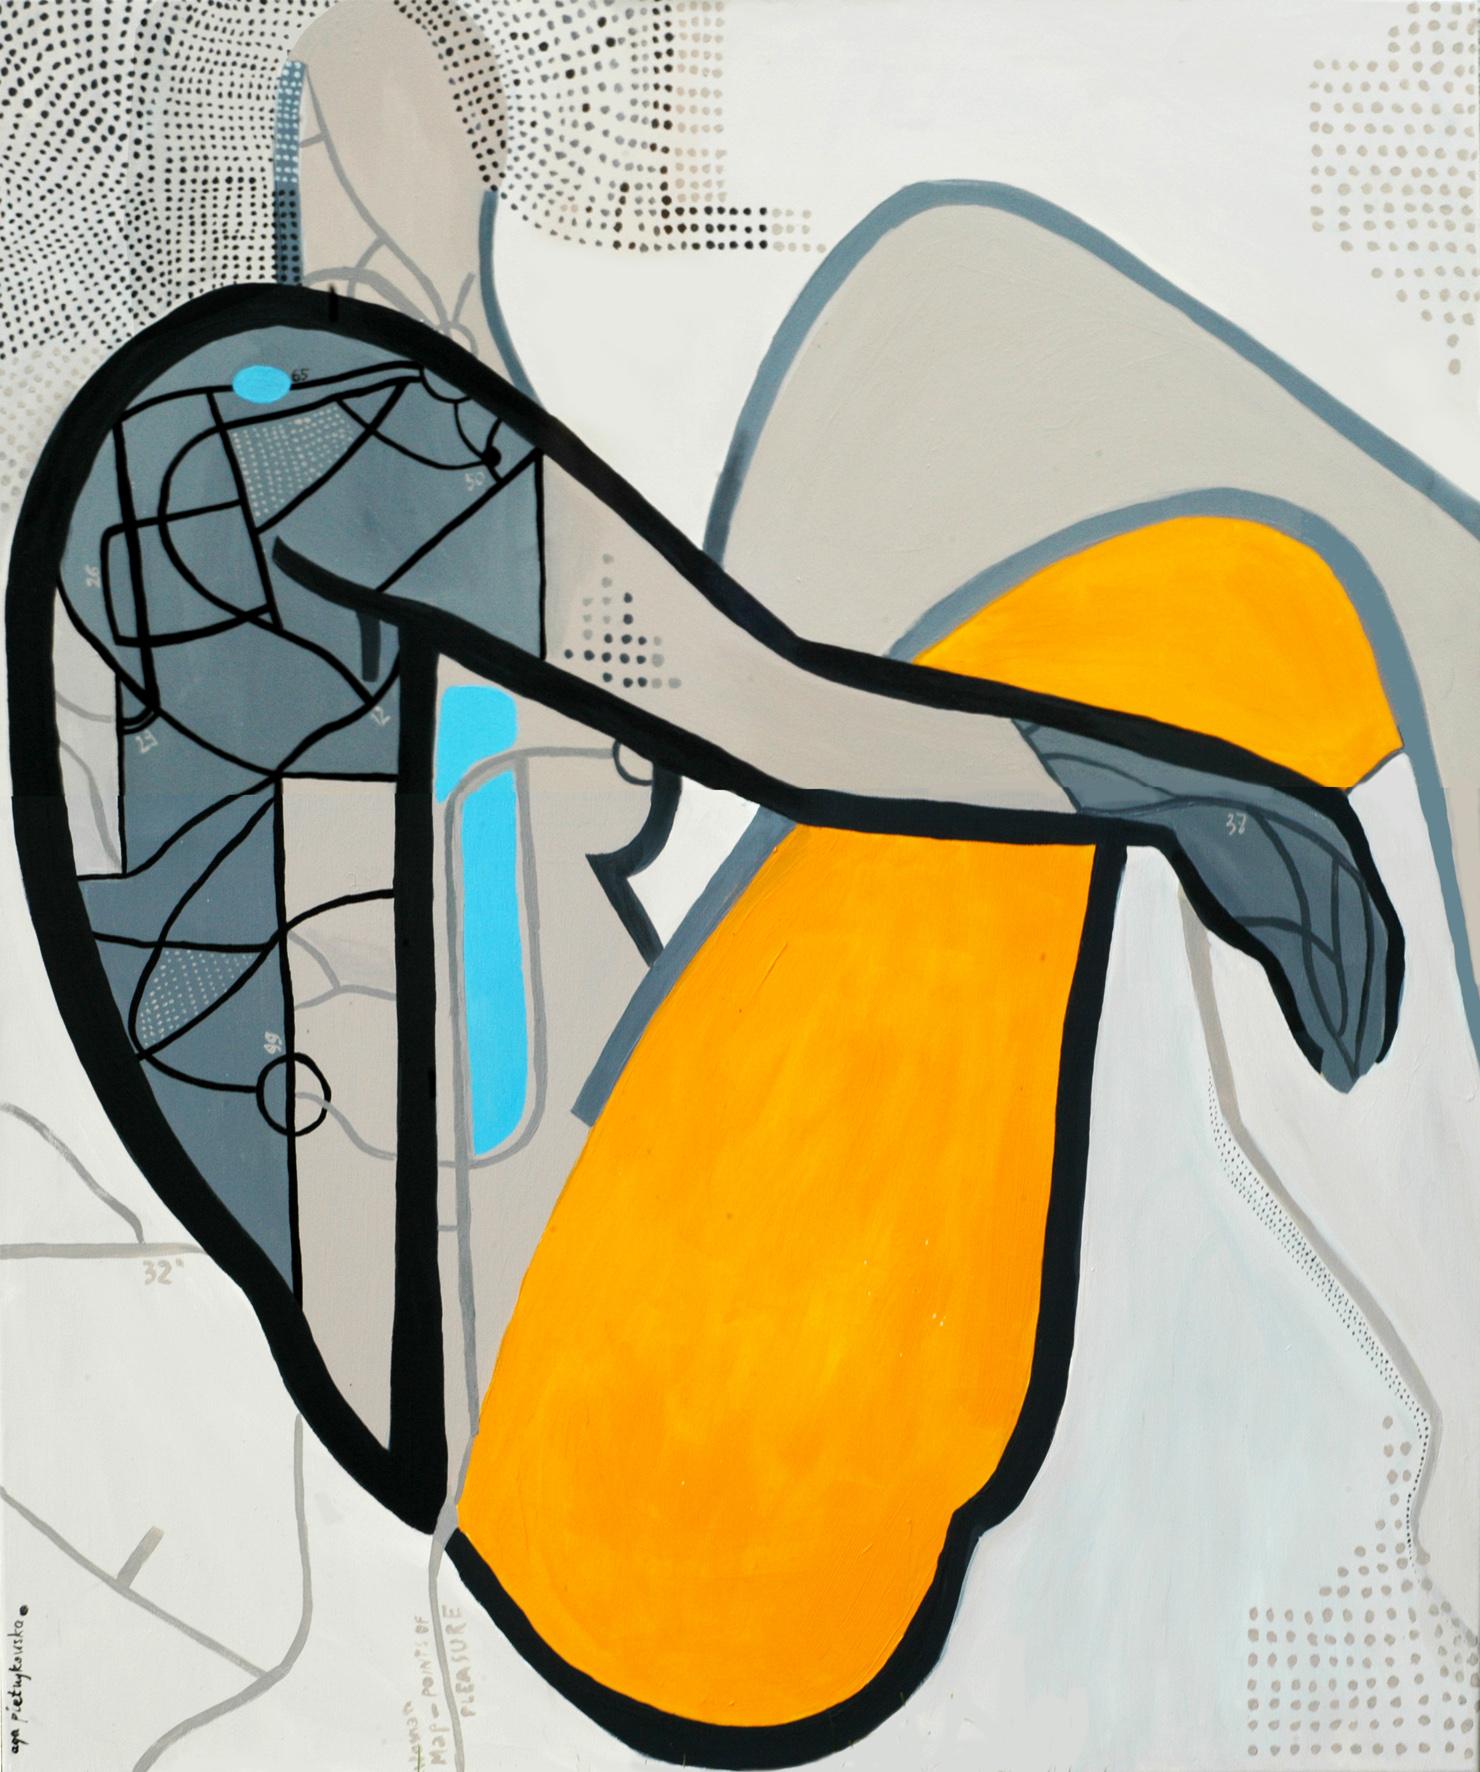 """Agnieszka Pietrzykowska, """"Map of pleasure points"""", 2014, akryl, płótno, 120x100 cm (źródło: materiały prasowe)"""